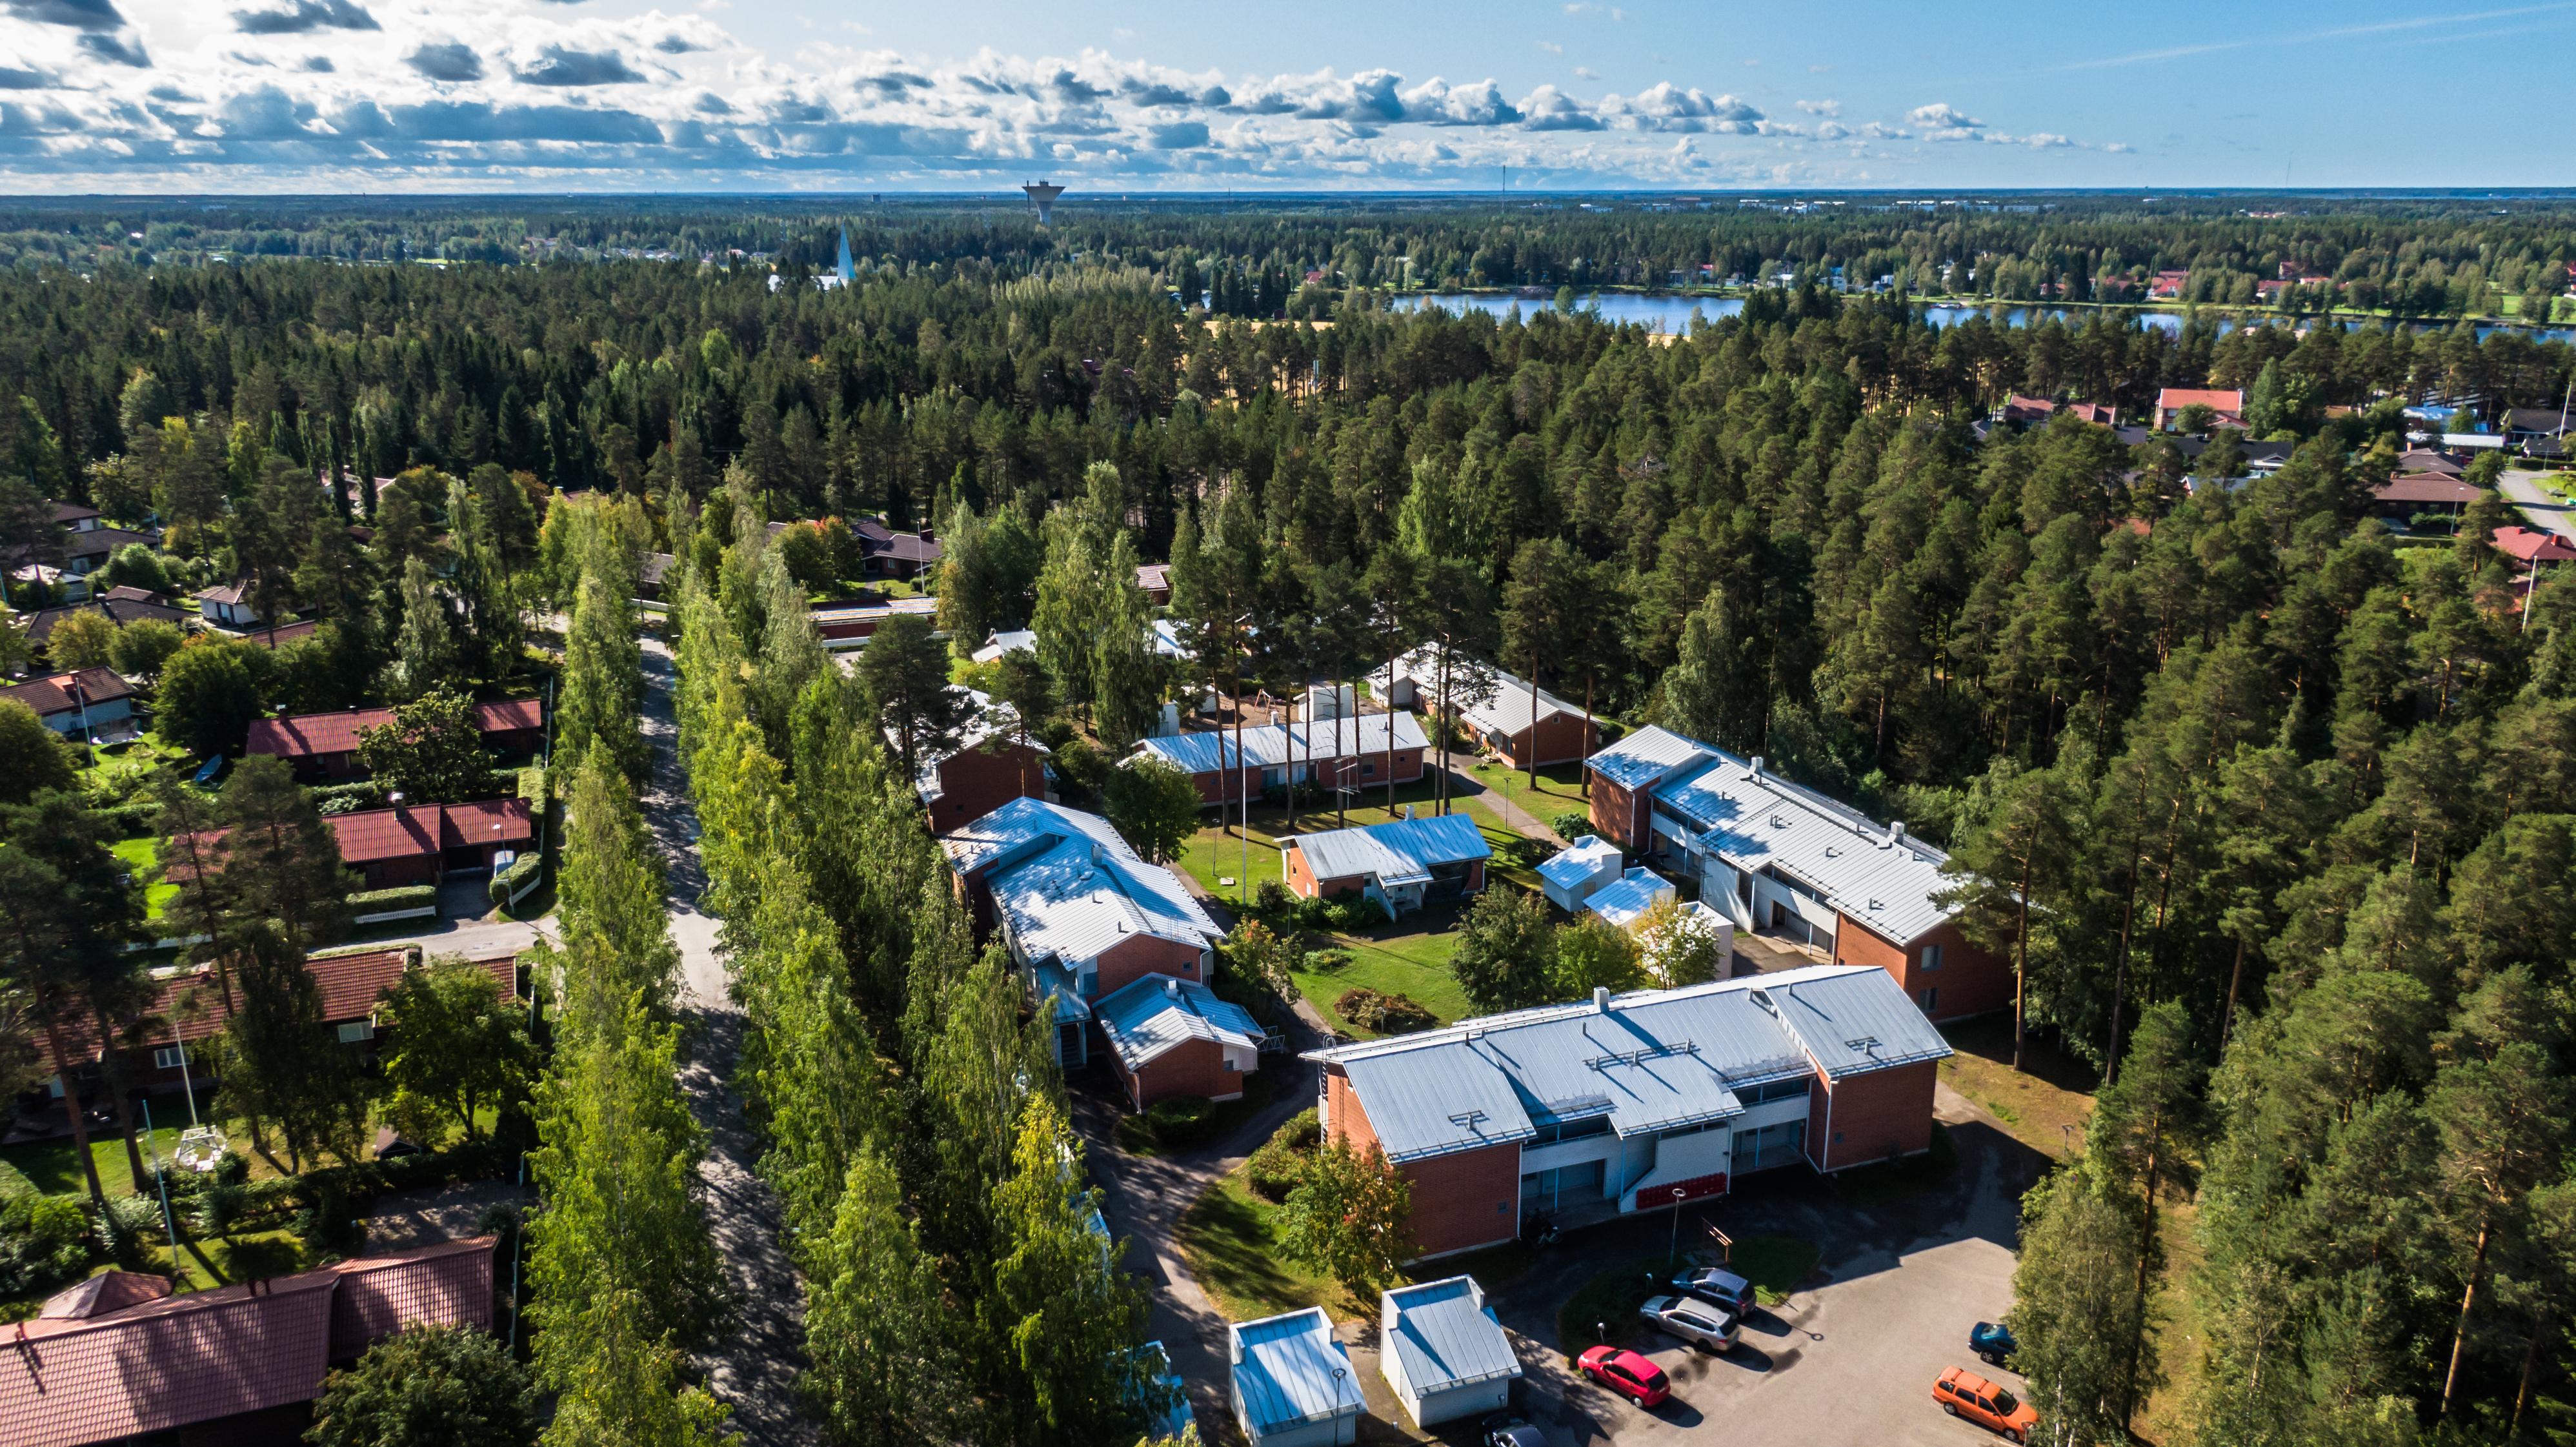 Metsän ympäröimää kaupunkilähiötä ilmassa otetussa kuvassa Oulun Kirkkokankaalta. Sininen taivas ja poutapilviä.